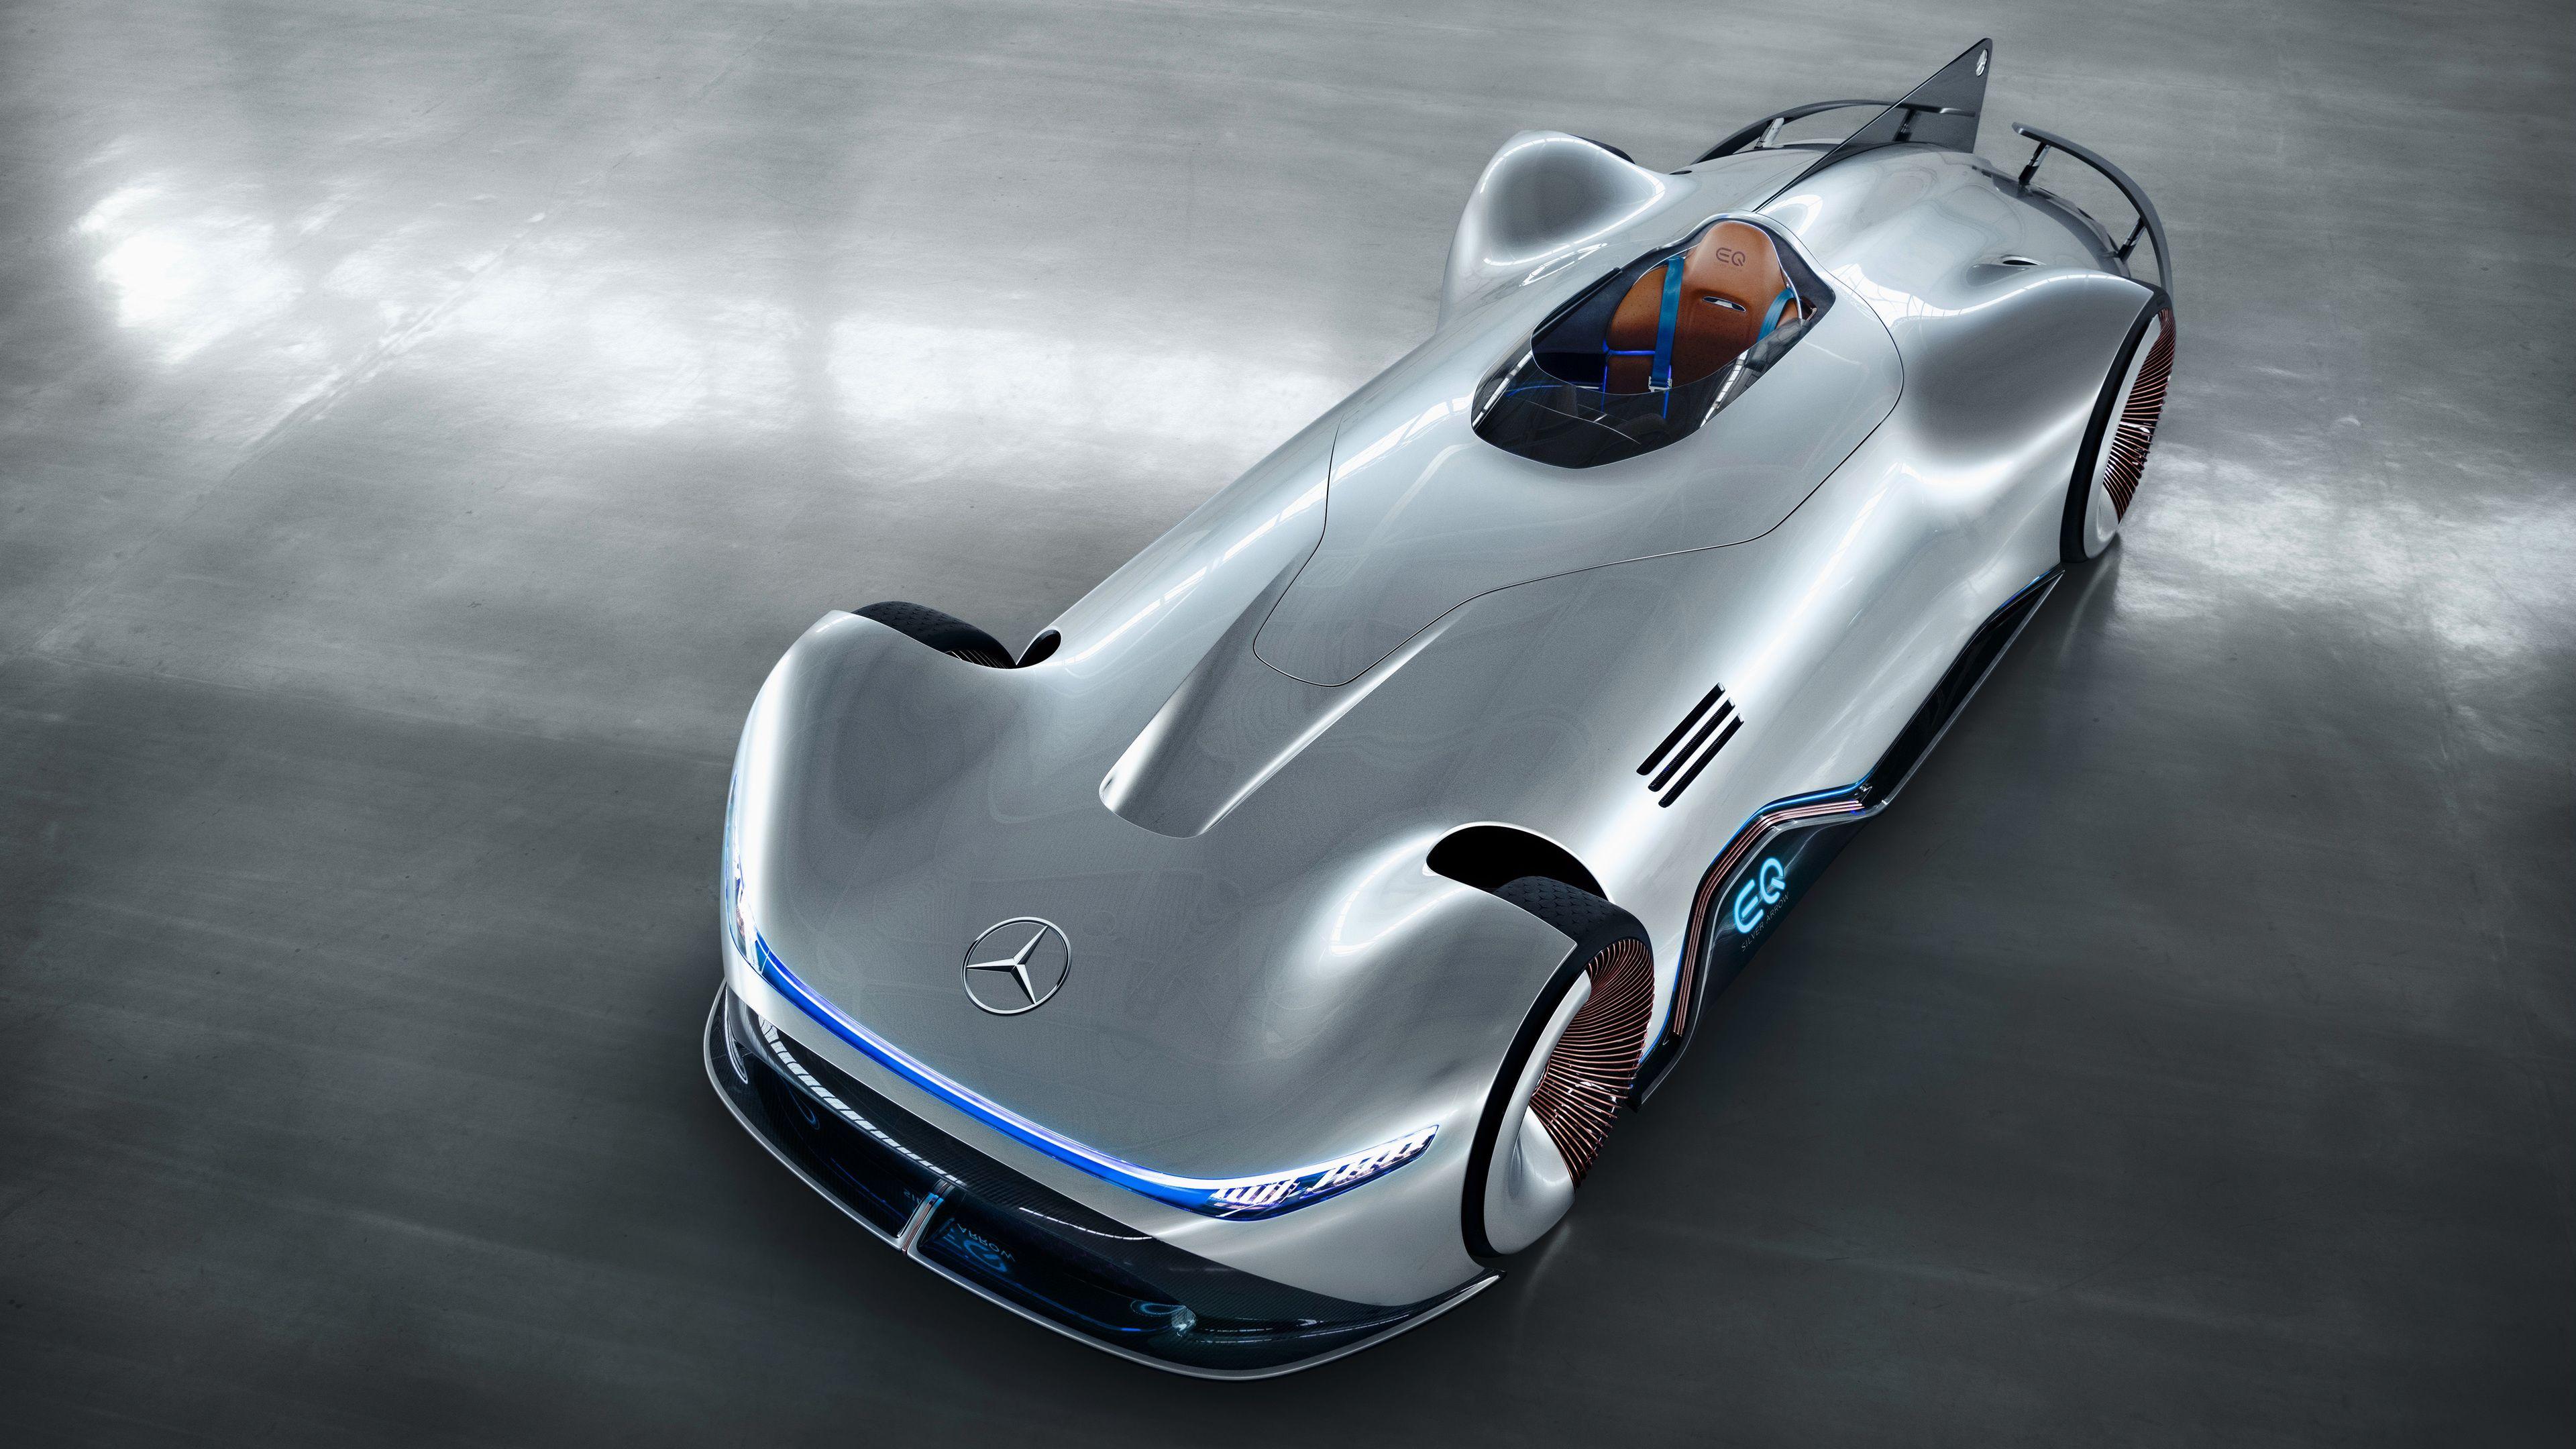 Mercedes Benz Vision Eq Silver Arrow 2018 4k Mercedes Benz Vision